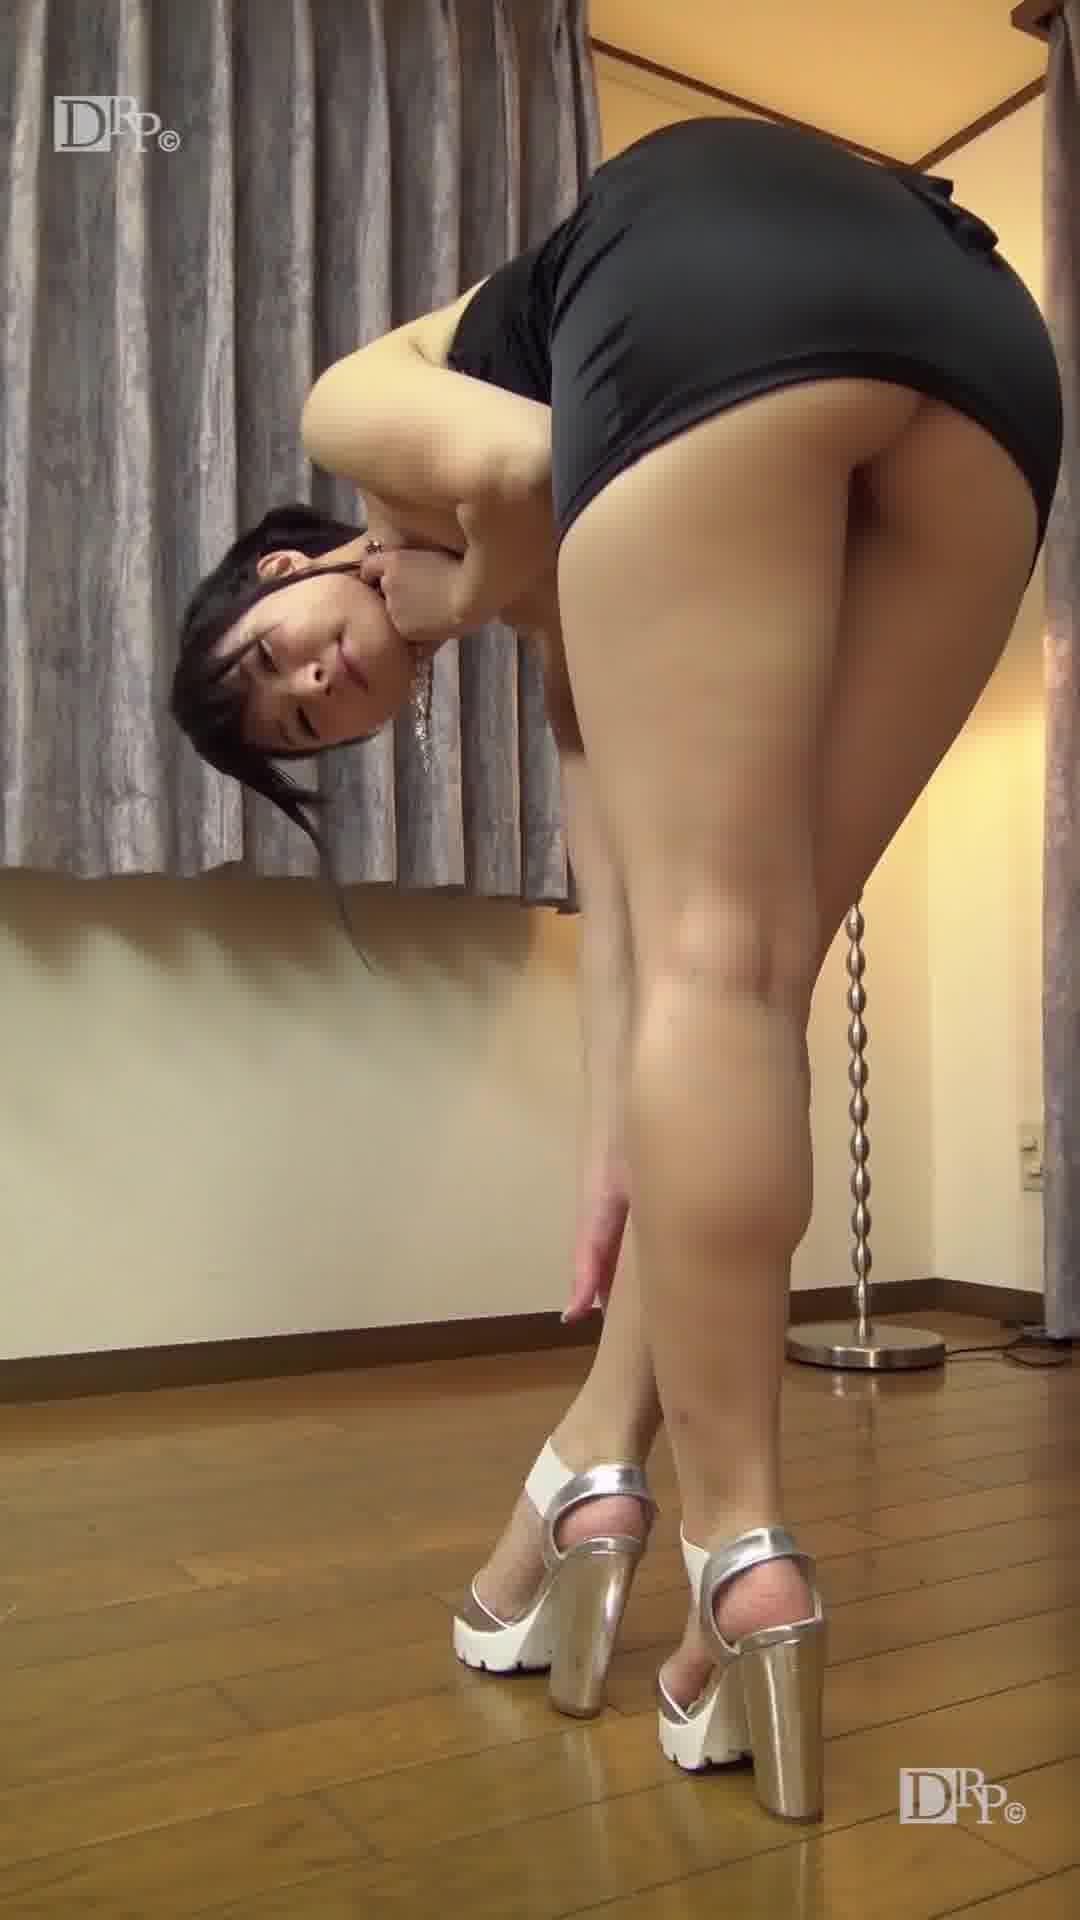 縦型動画 025 ~縦揺れ足腰ガックガク~ - 咲田凛【パイパン・美乳・美尻】